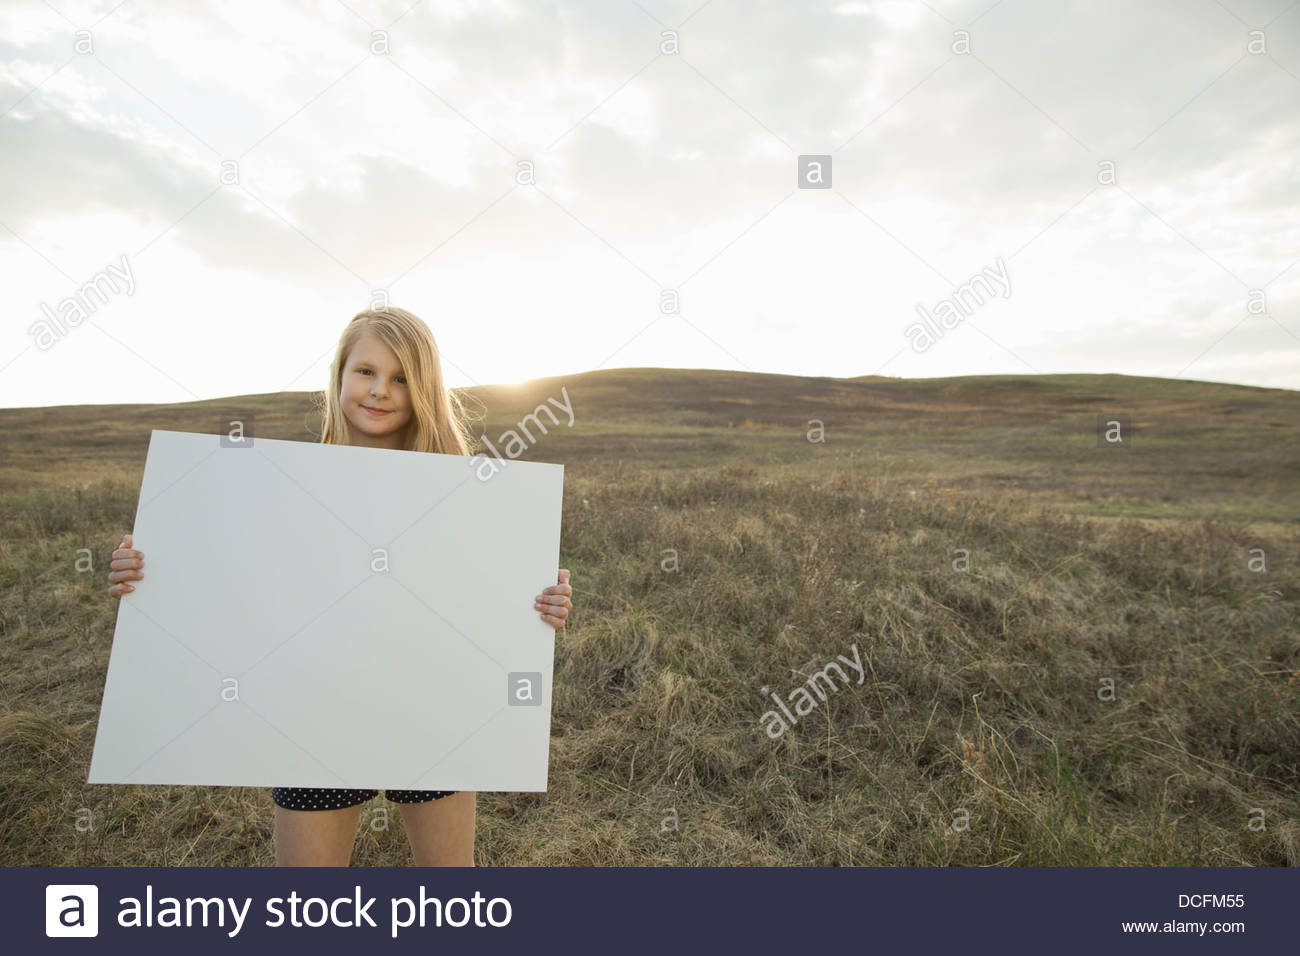 Girl standing on hillside holding sign board - Stock Image